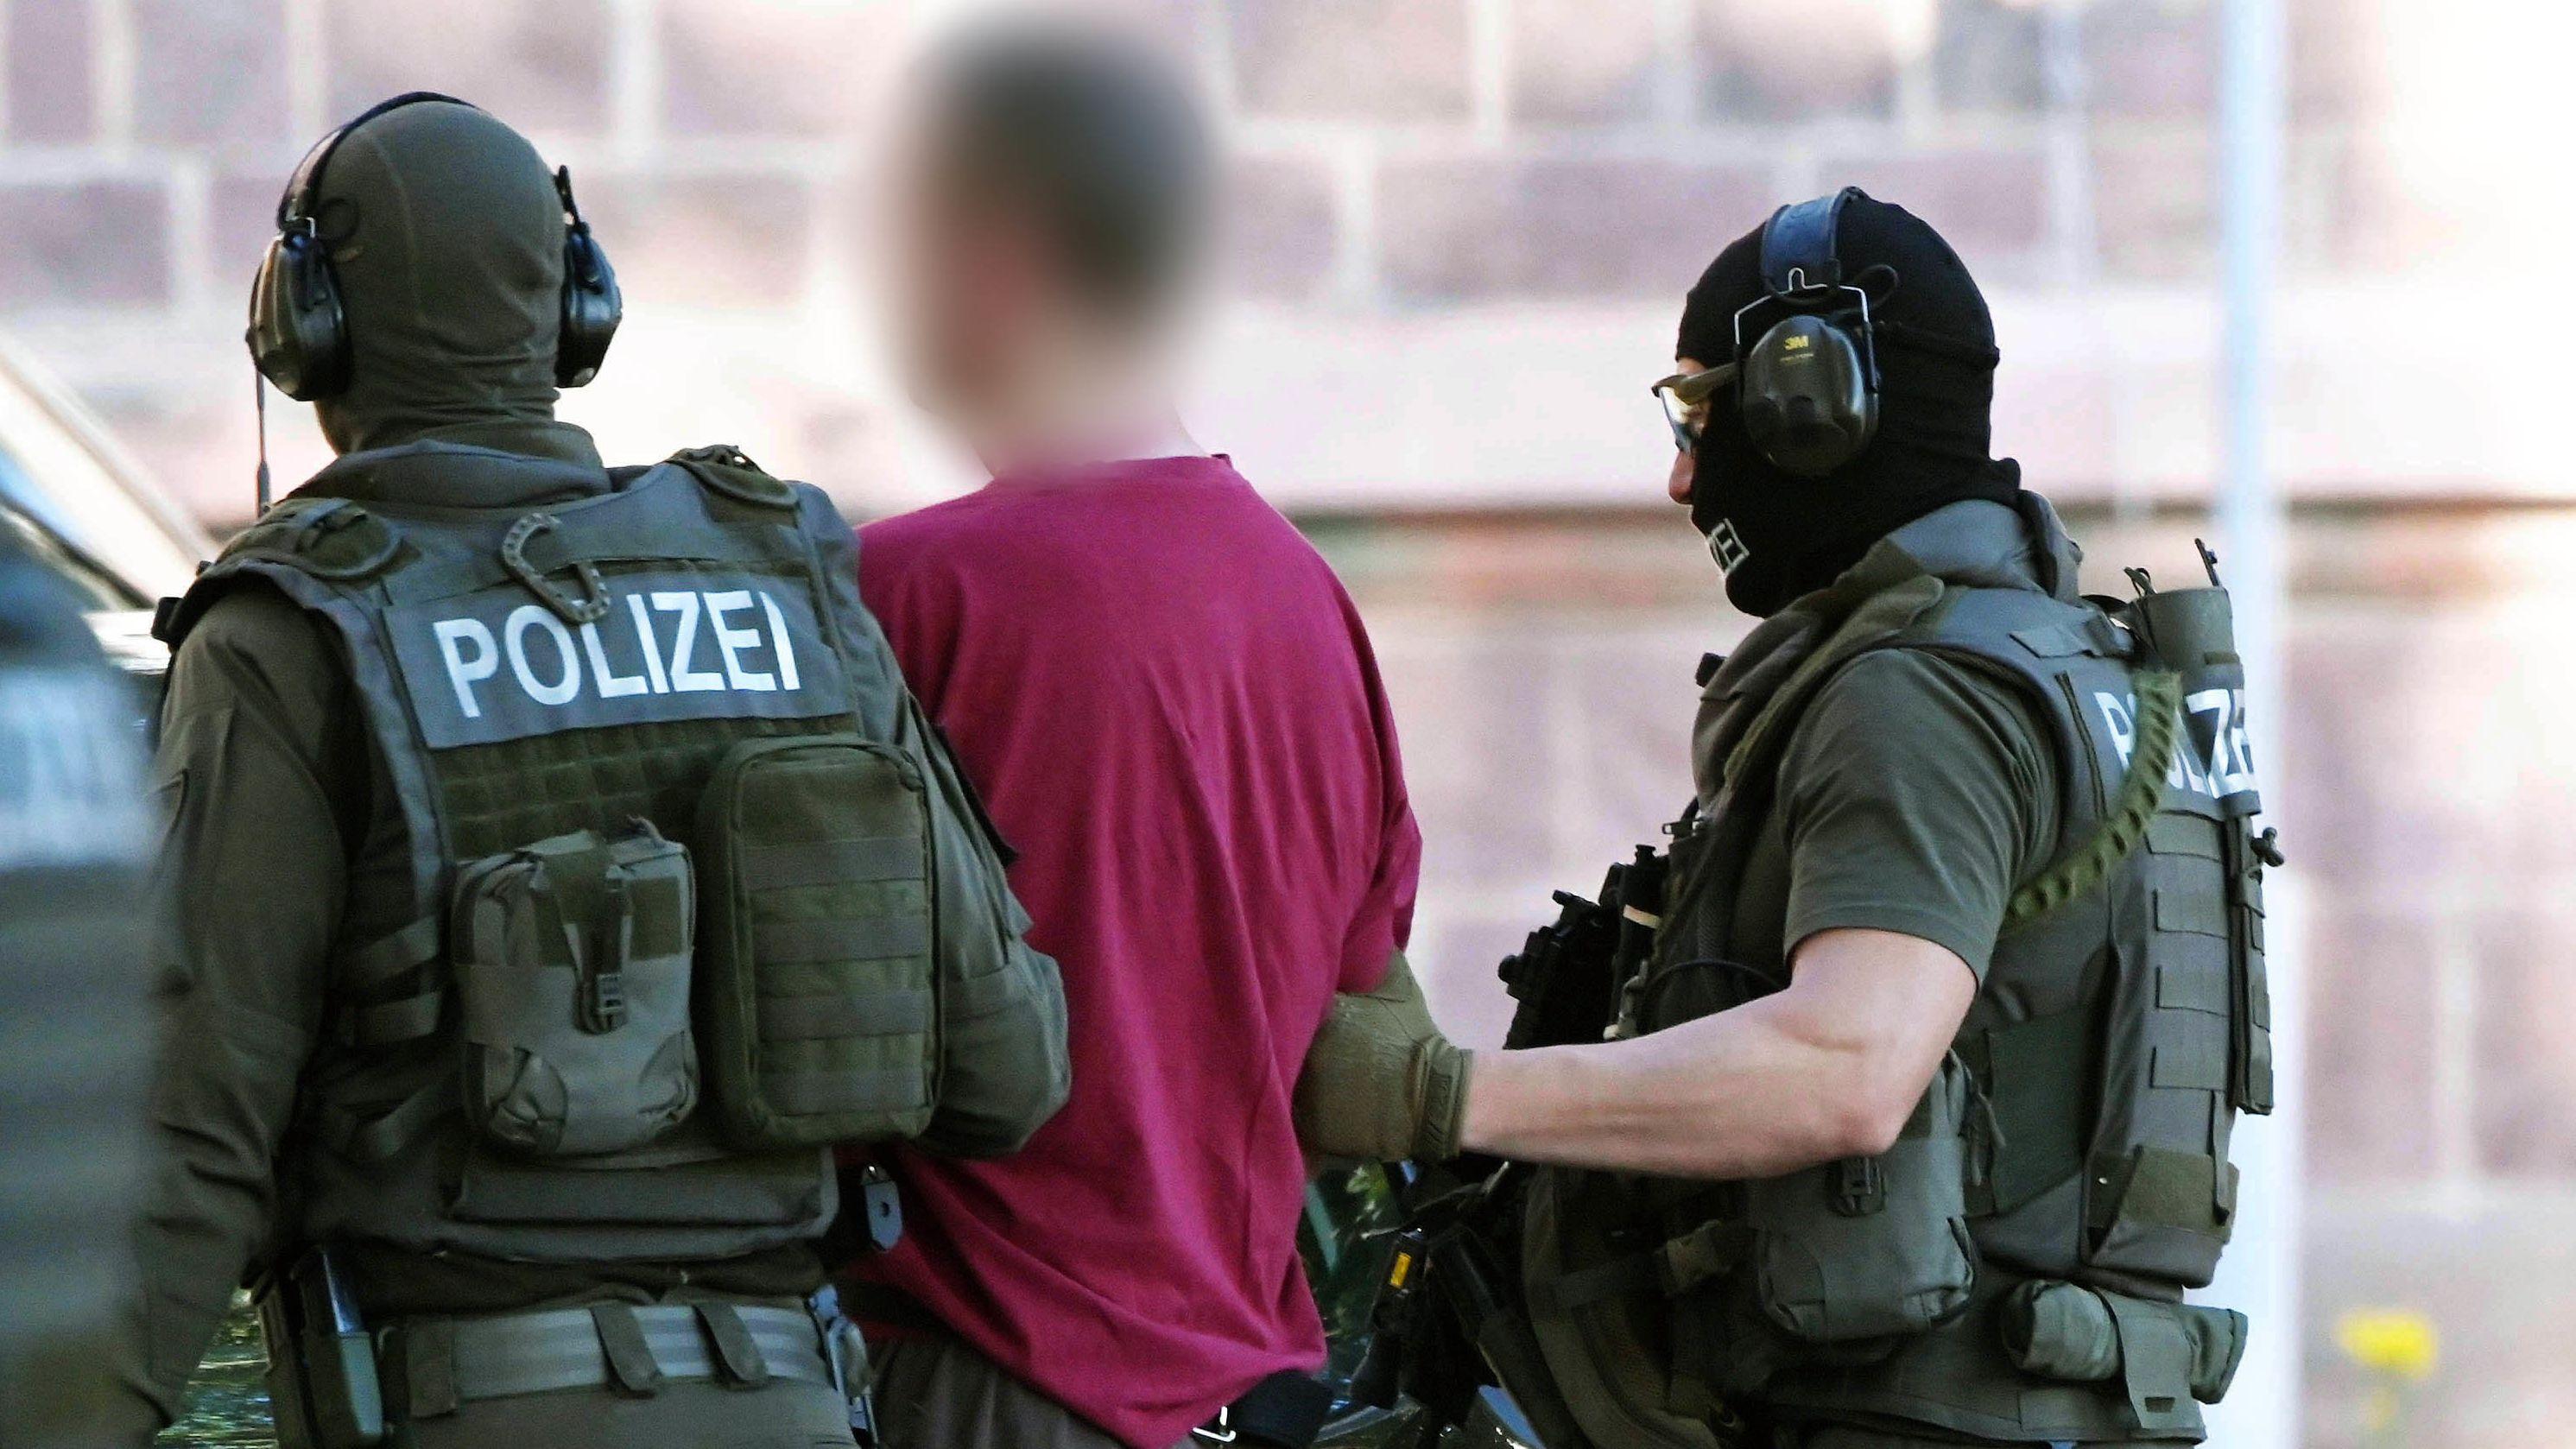 Stephan E., Tatverdächtiger im Fall des ermordeten Kasseler Regierungspräsidenten Walter Lübcke, wird von einem Hubschrauber zum Bundesgerichtshof (BGH) zu einem Ermittlungsrichter gebracht.